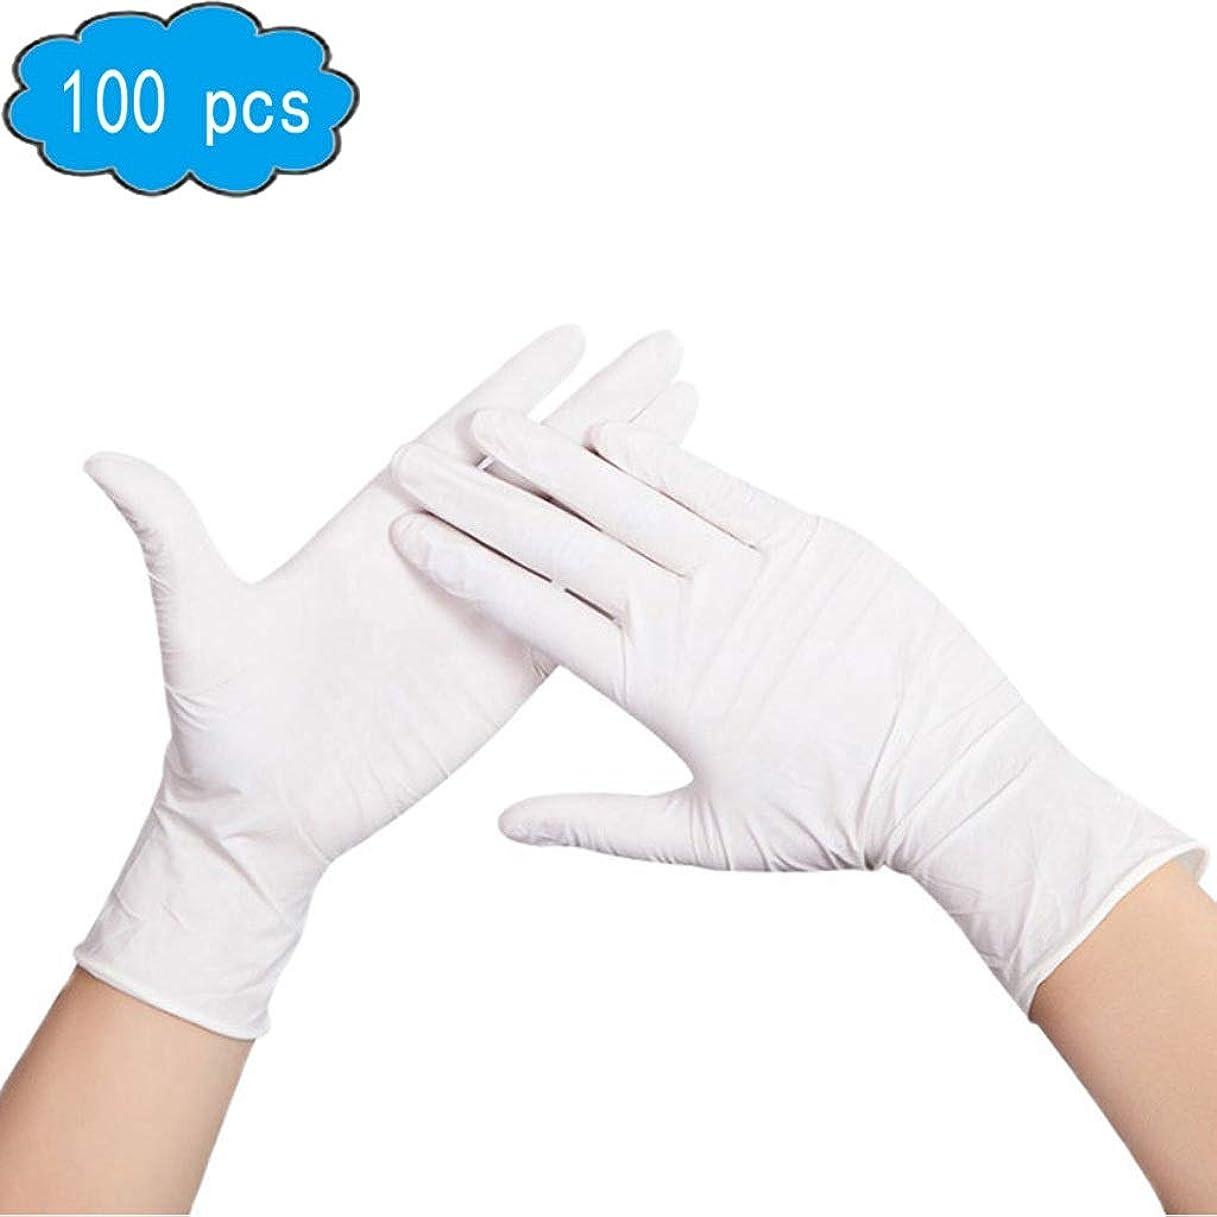 はちみつリーフレットボックスニトリル手袋、ラテックス医療検査用パウダーフリーの使い捨て手袋サイズ中 - 9